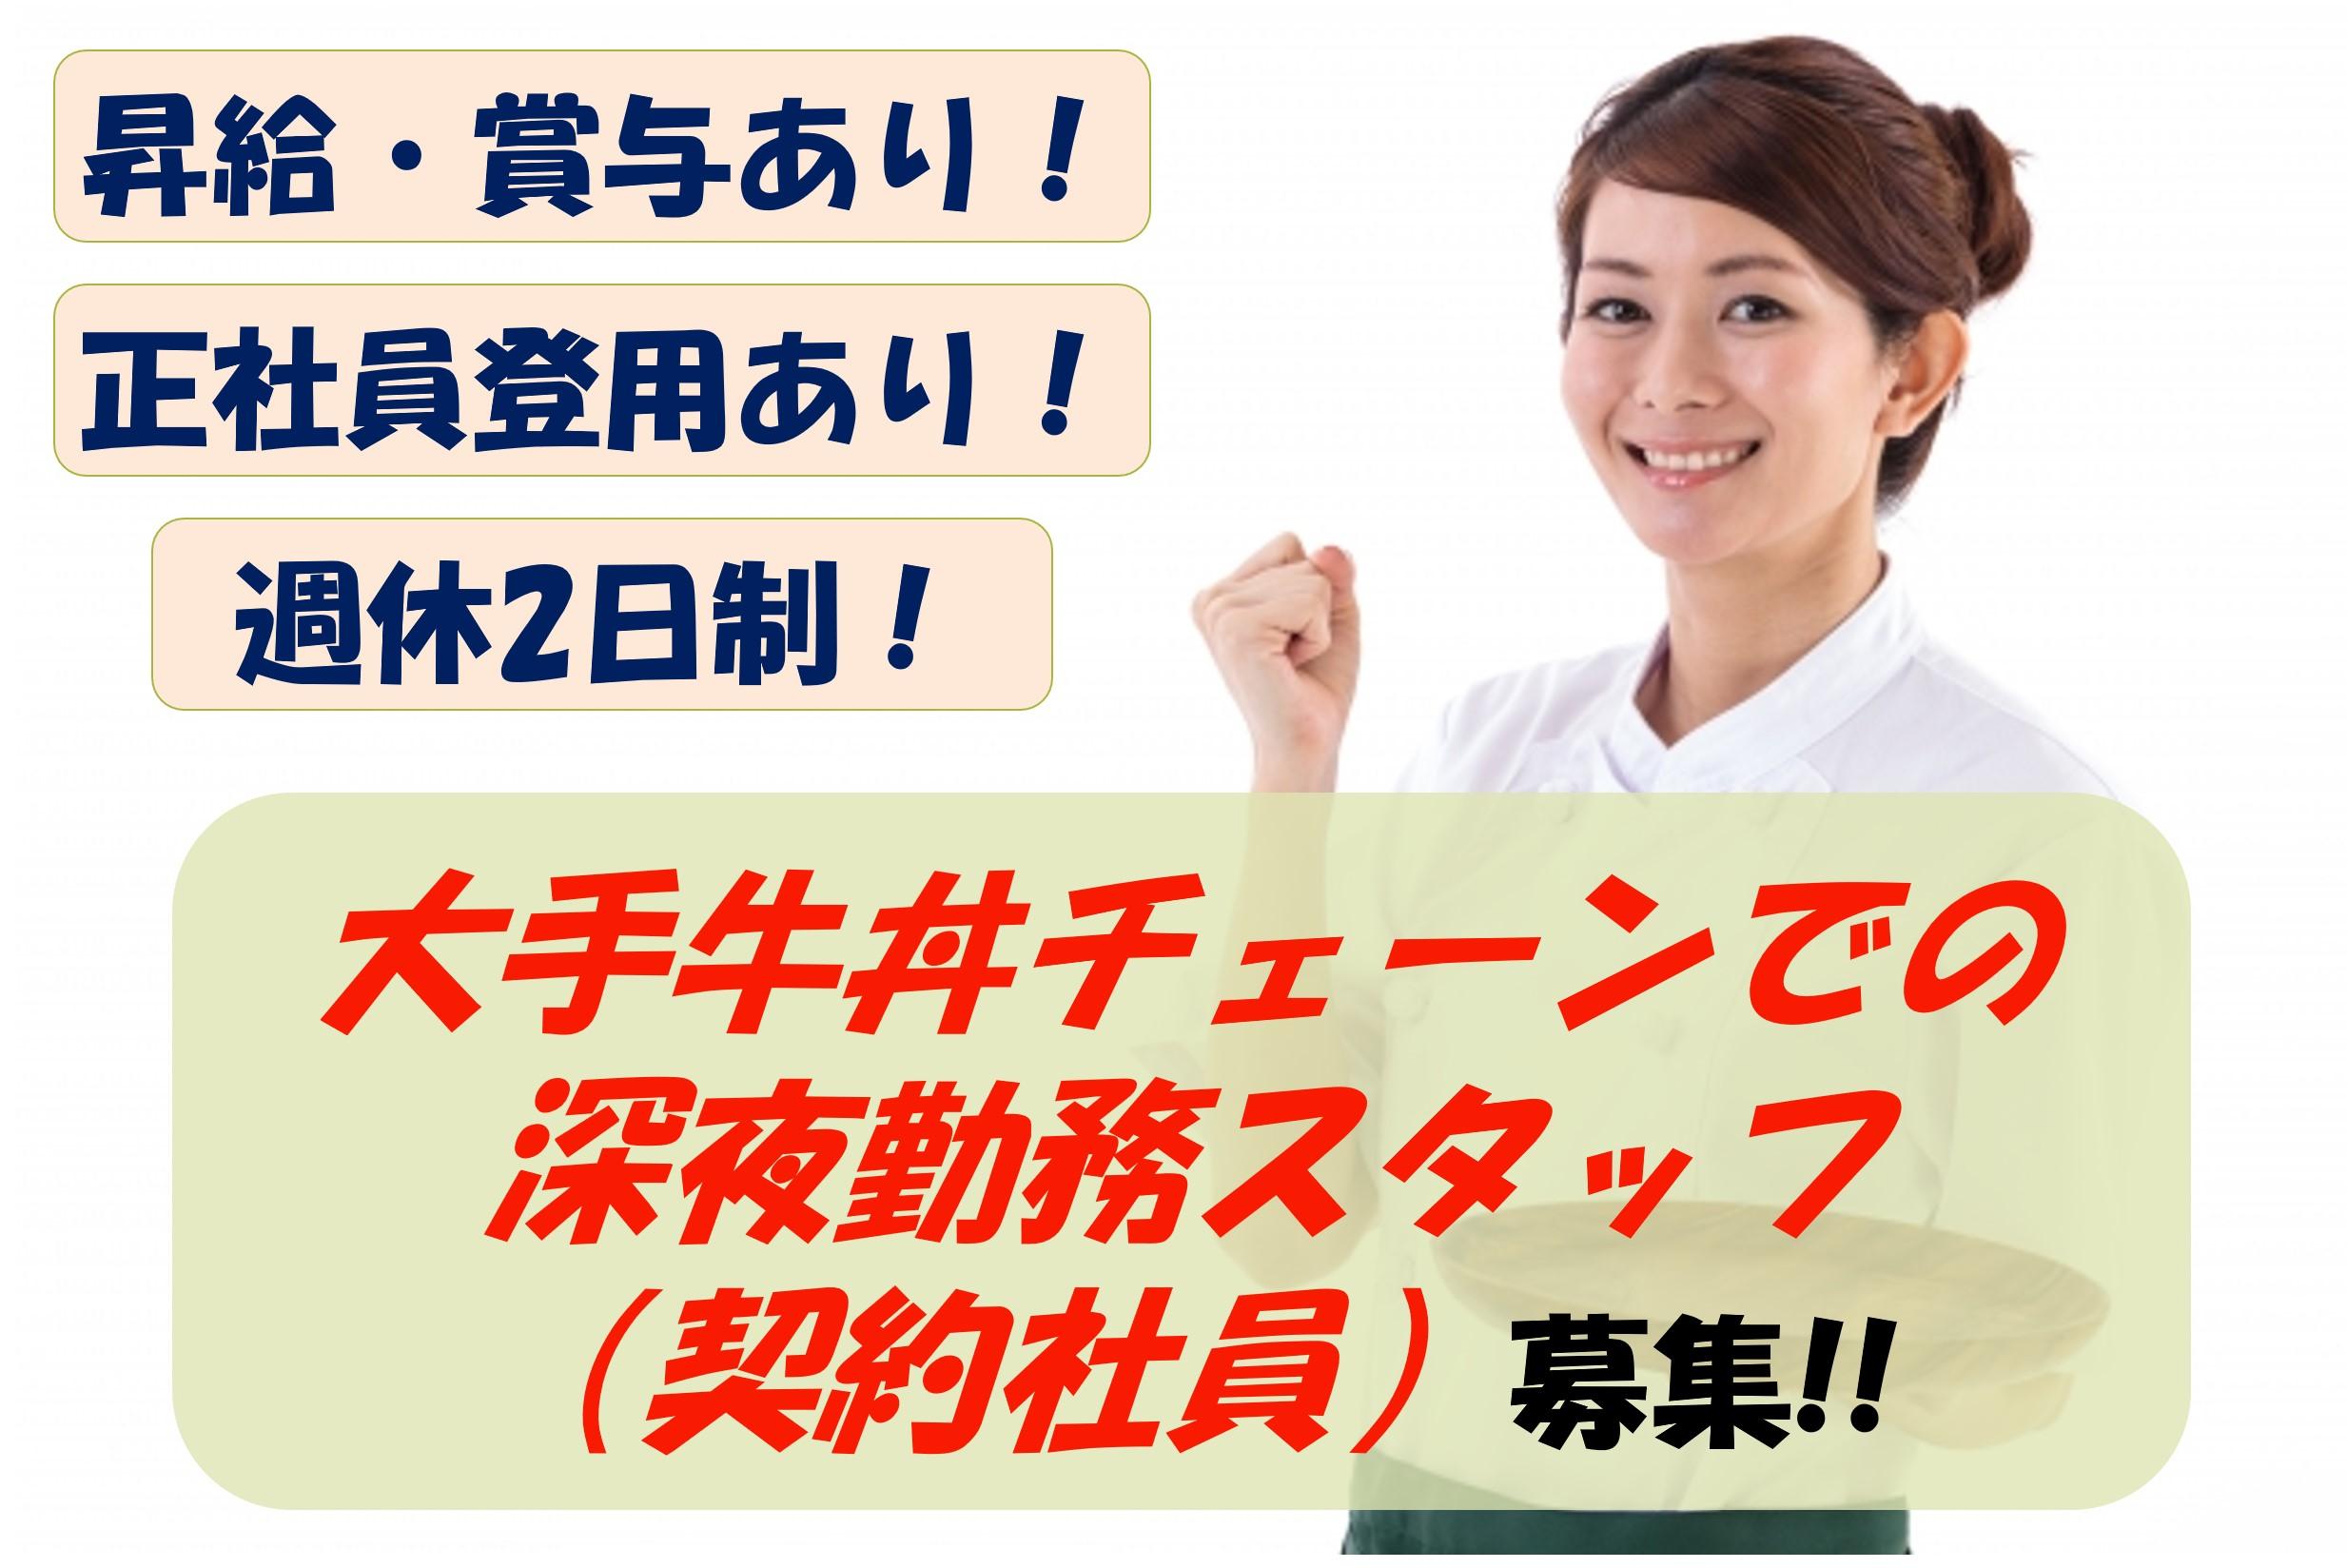 【急募】昇給・賞与あり!未経験からでもOK!牛丼屋の深夜勤務スタッフ募集 イメージ